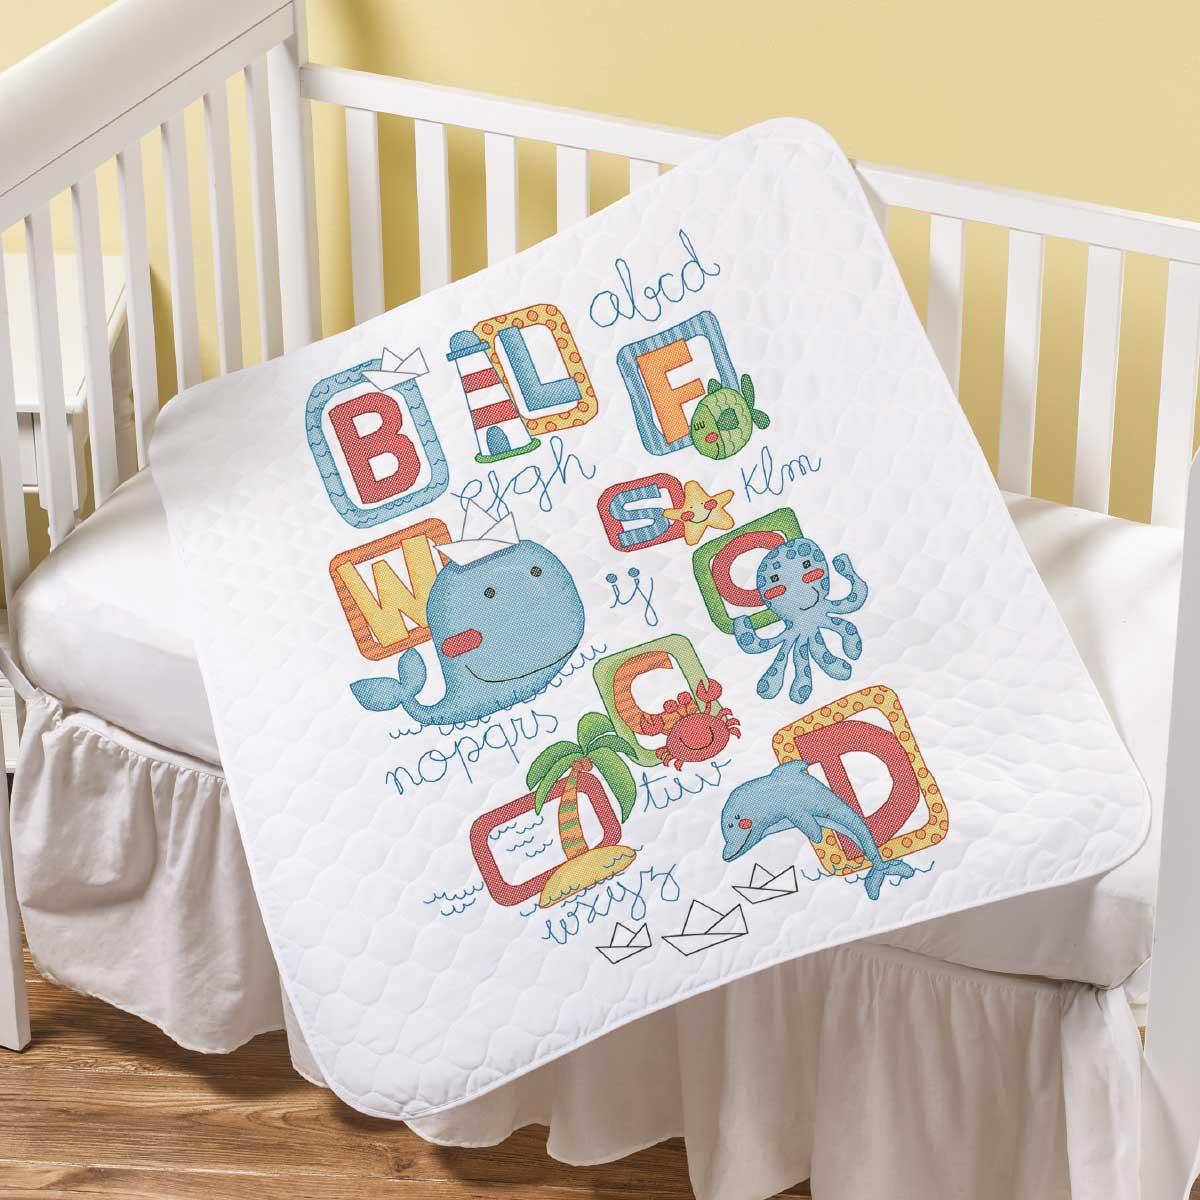 Bucilla ® Baby - Stamped Cross Stitch - Crib Ensembles - Sea Life - Crib Cover - 47879E